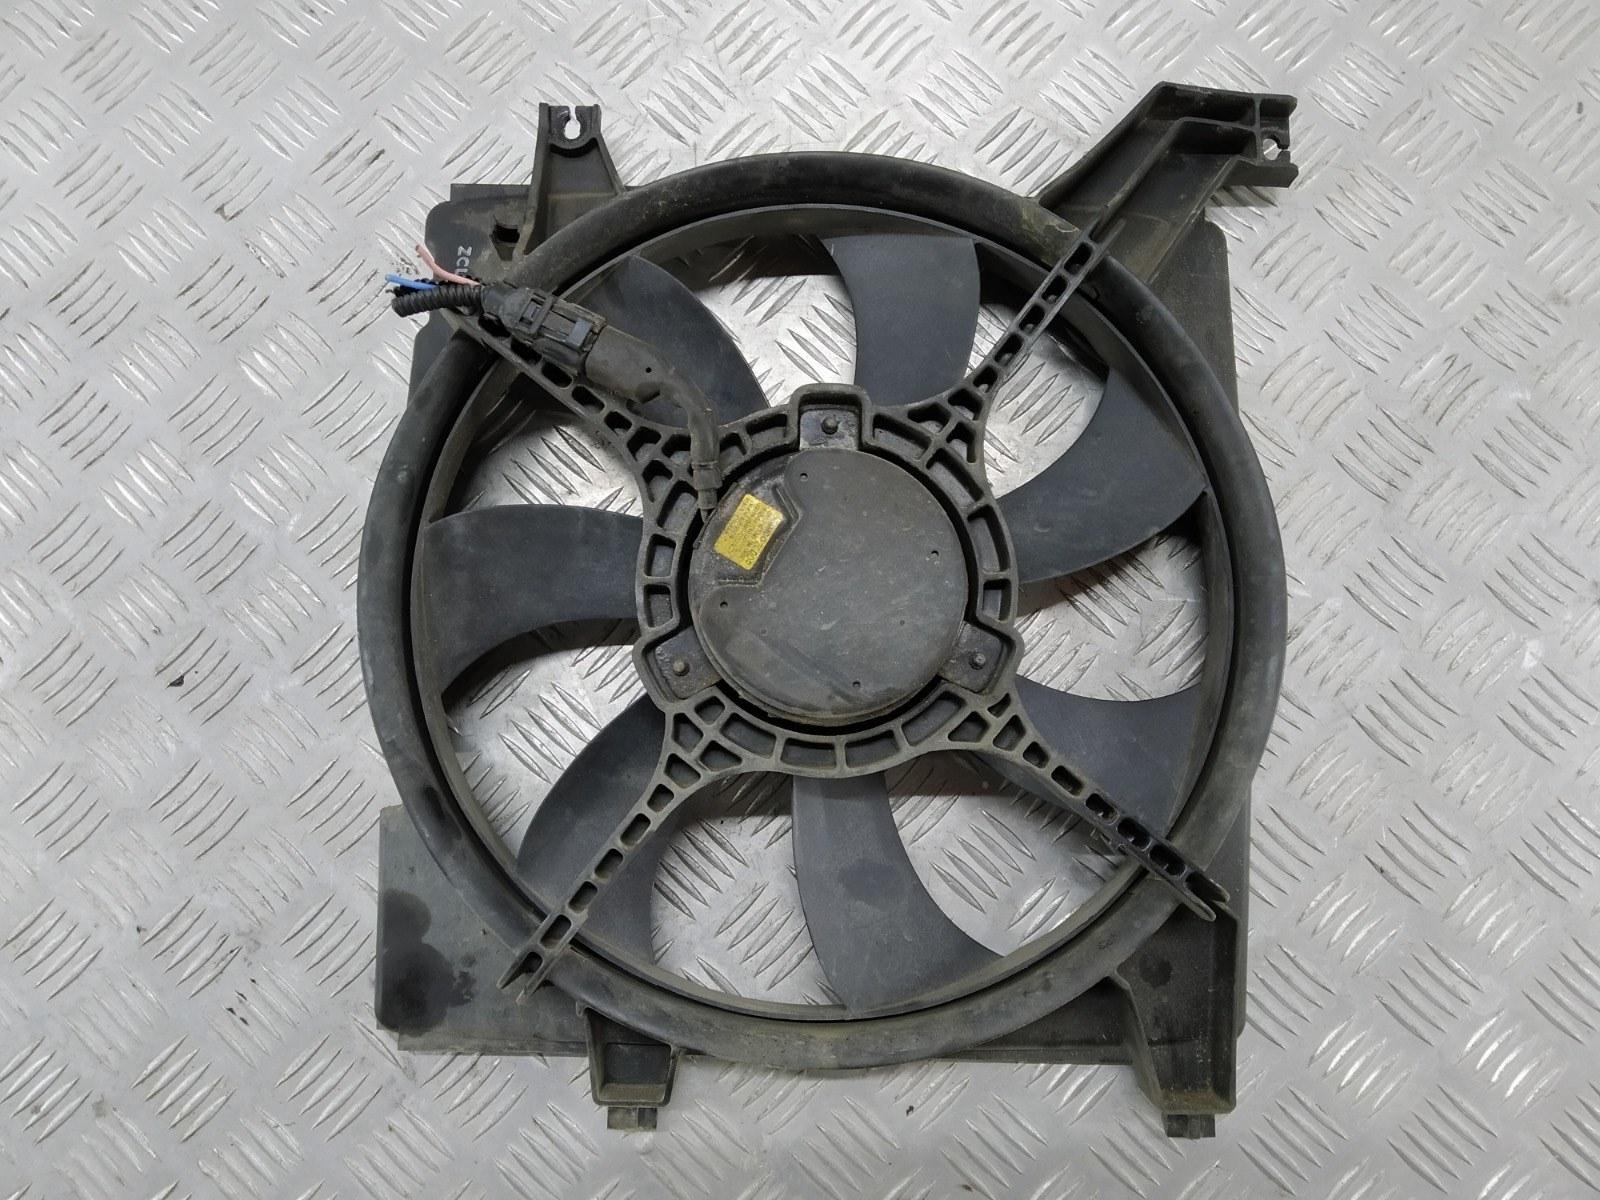 Вентилятор радиатора Hyundai Elantra XD 2.0 CRDI 2004 (б/у)